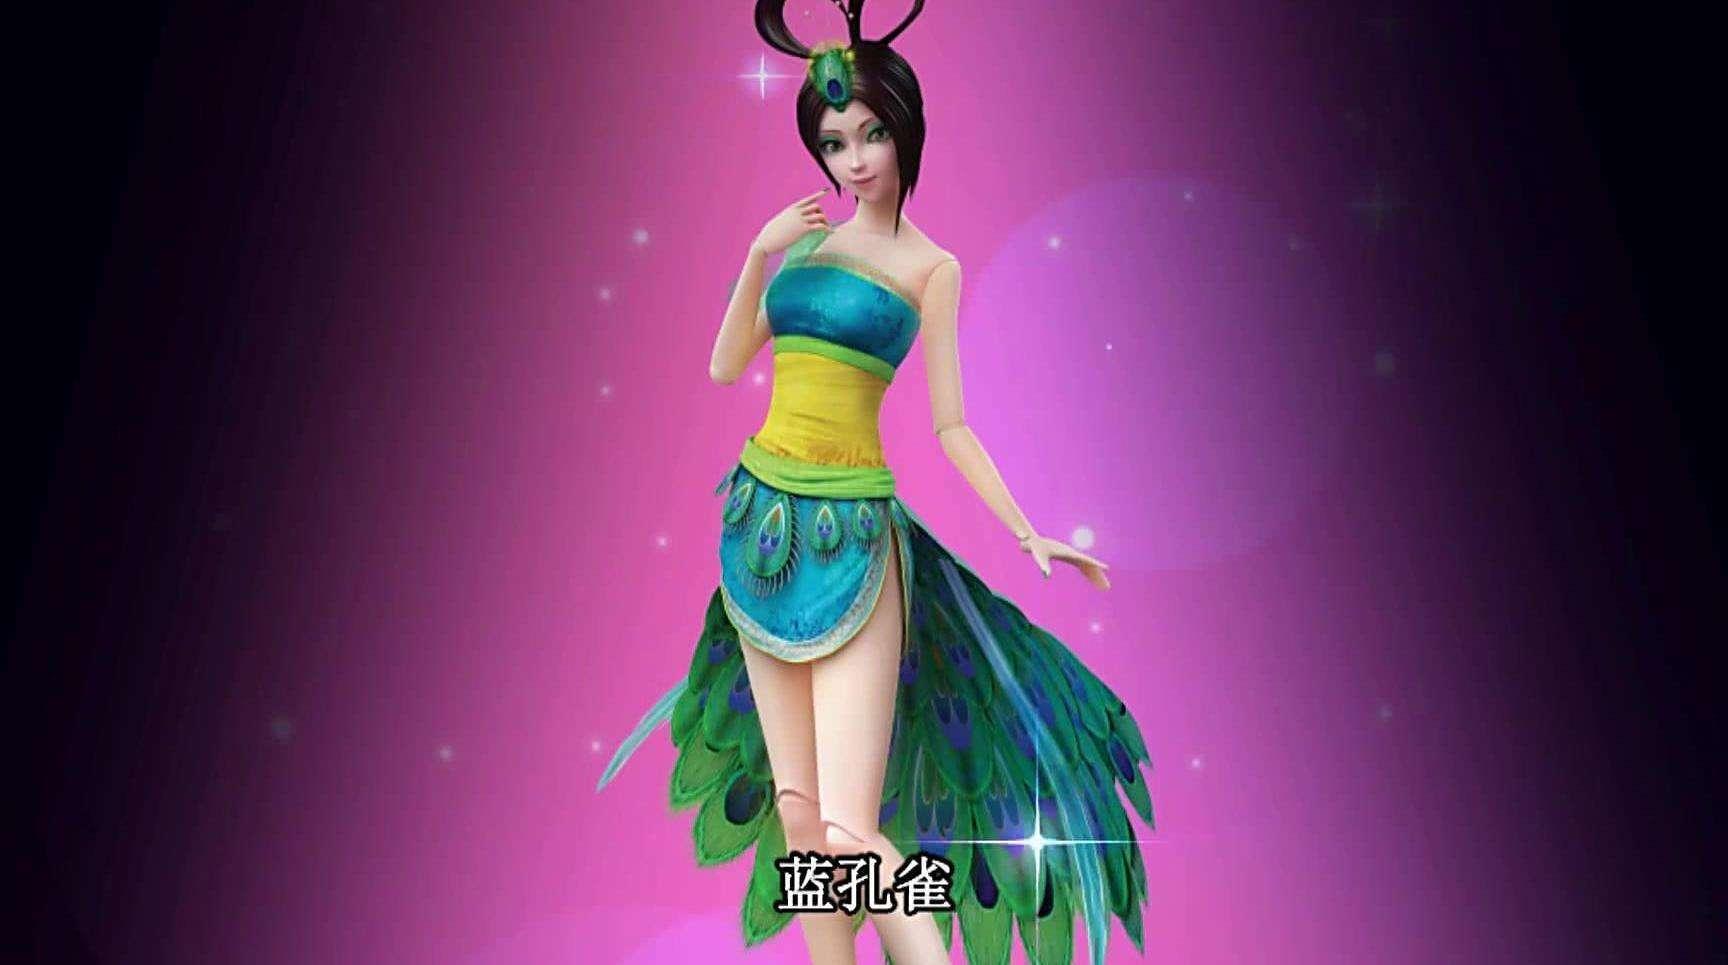 精灵梦叶罗丽:仙子在战斗结束后喜欢做的事情,蓝孔雀图片